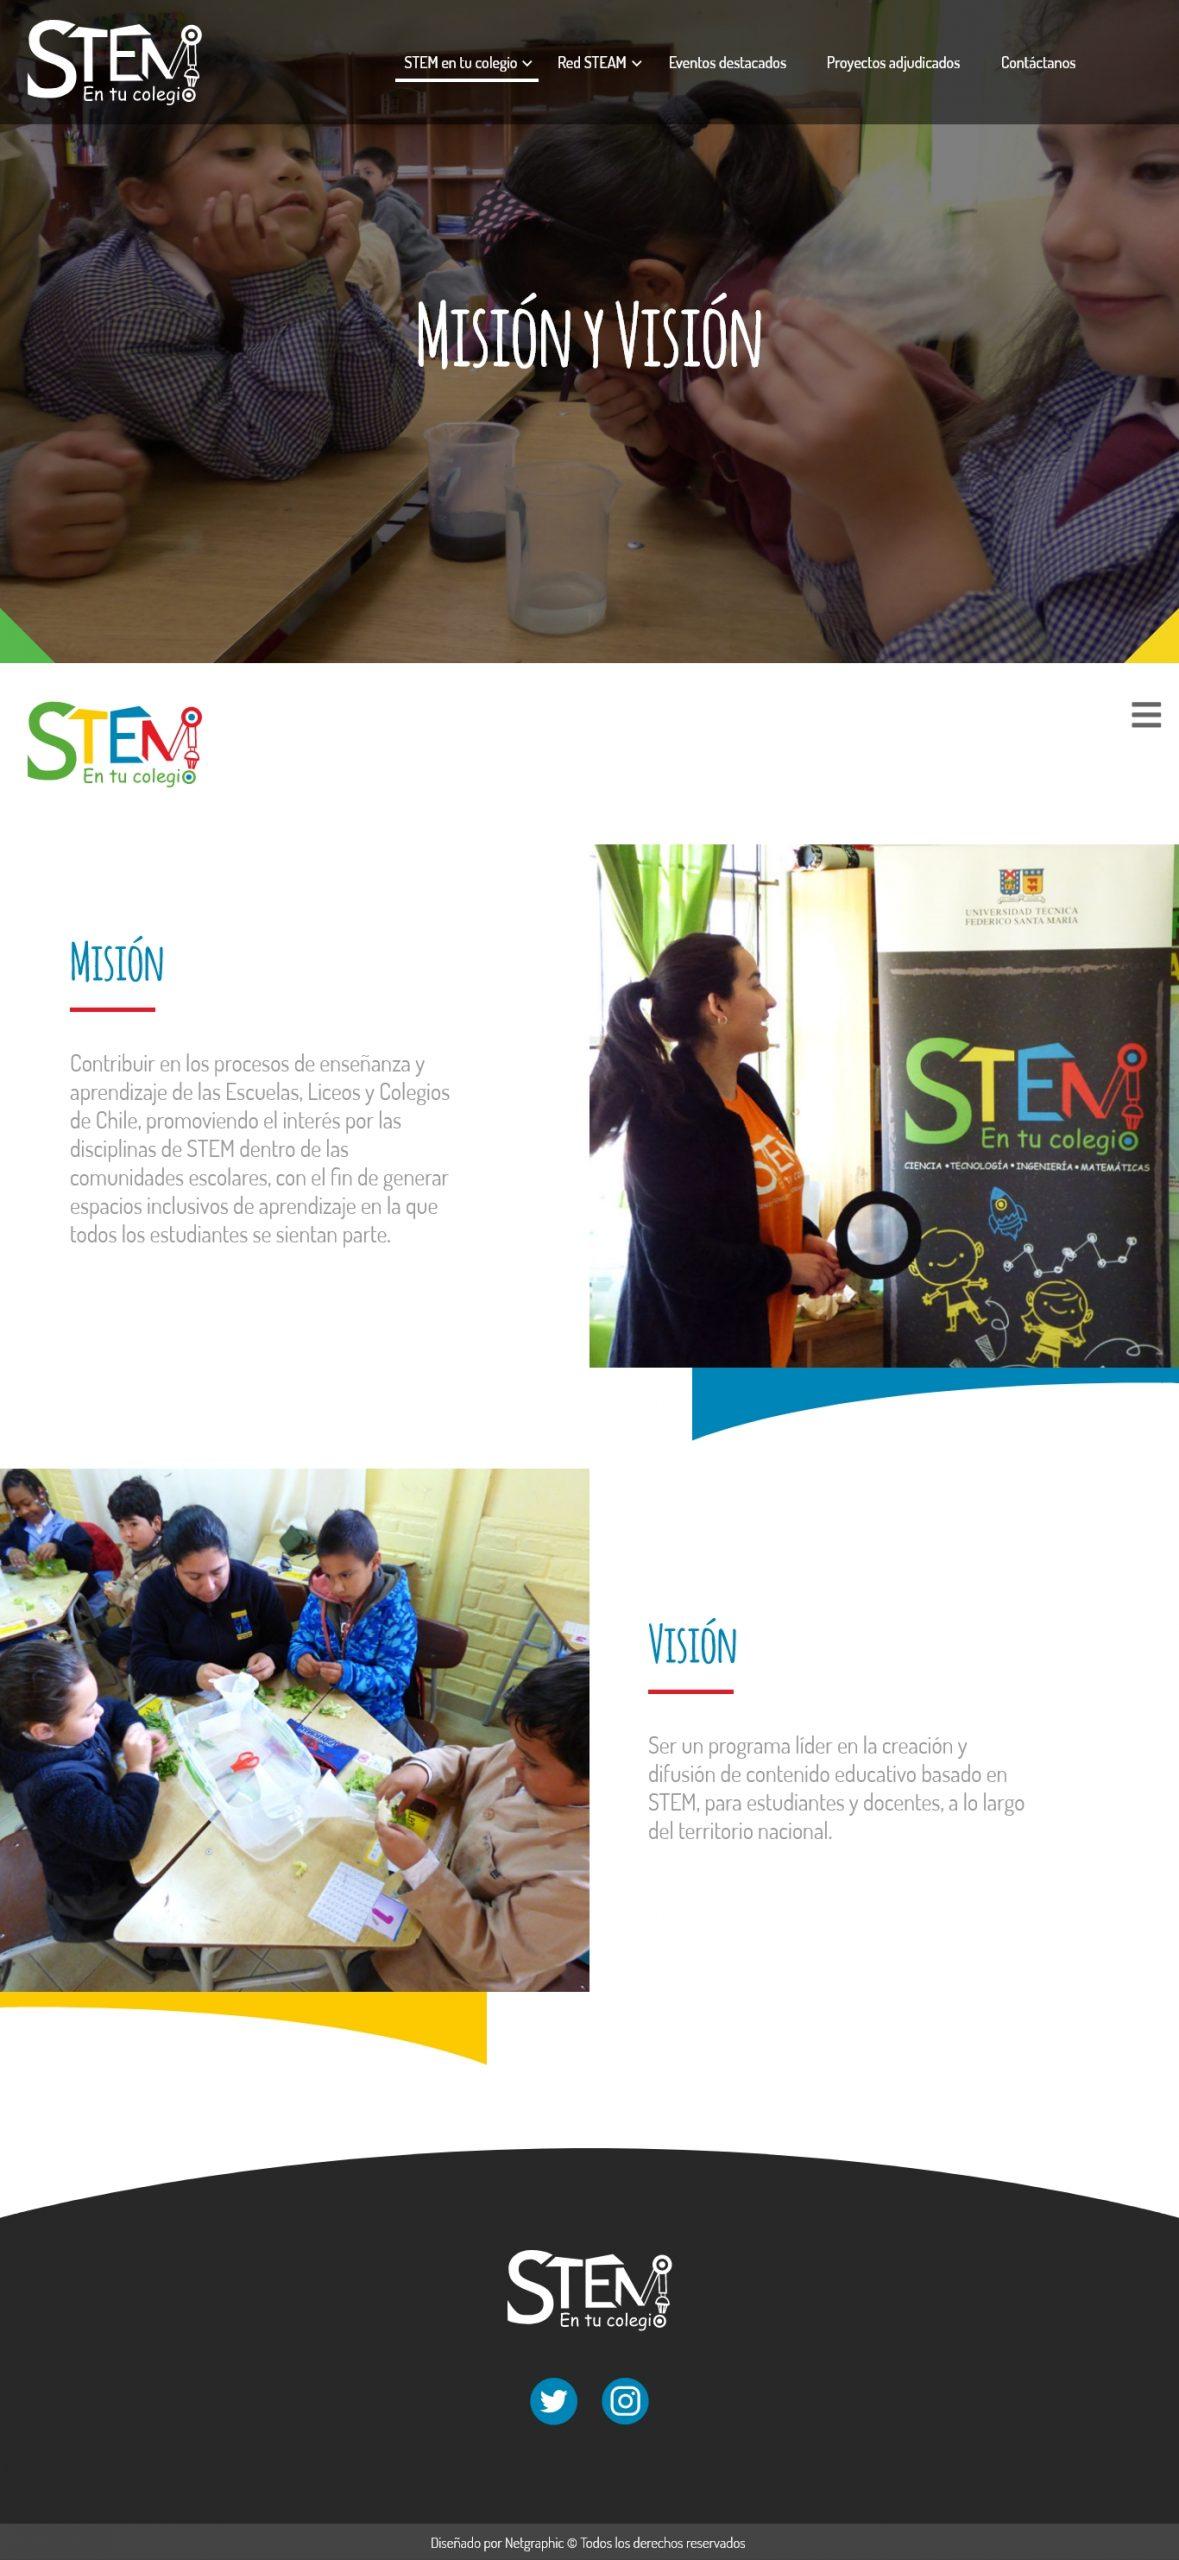 STEM en tu colegio - Universidad Técnica Federico Santa María